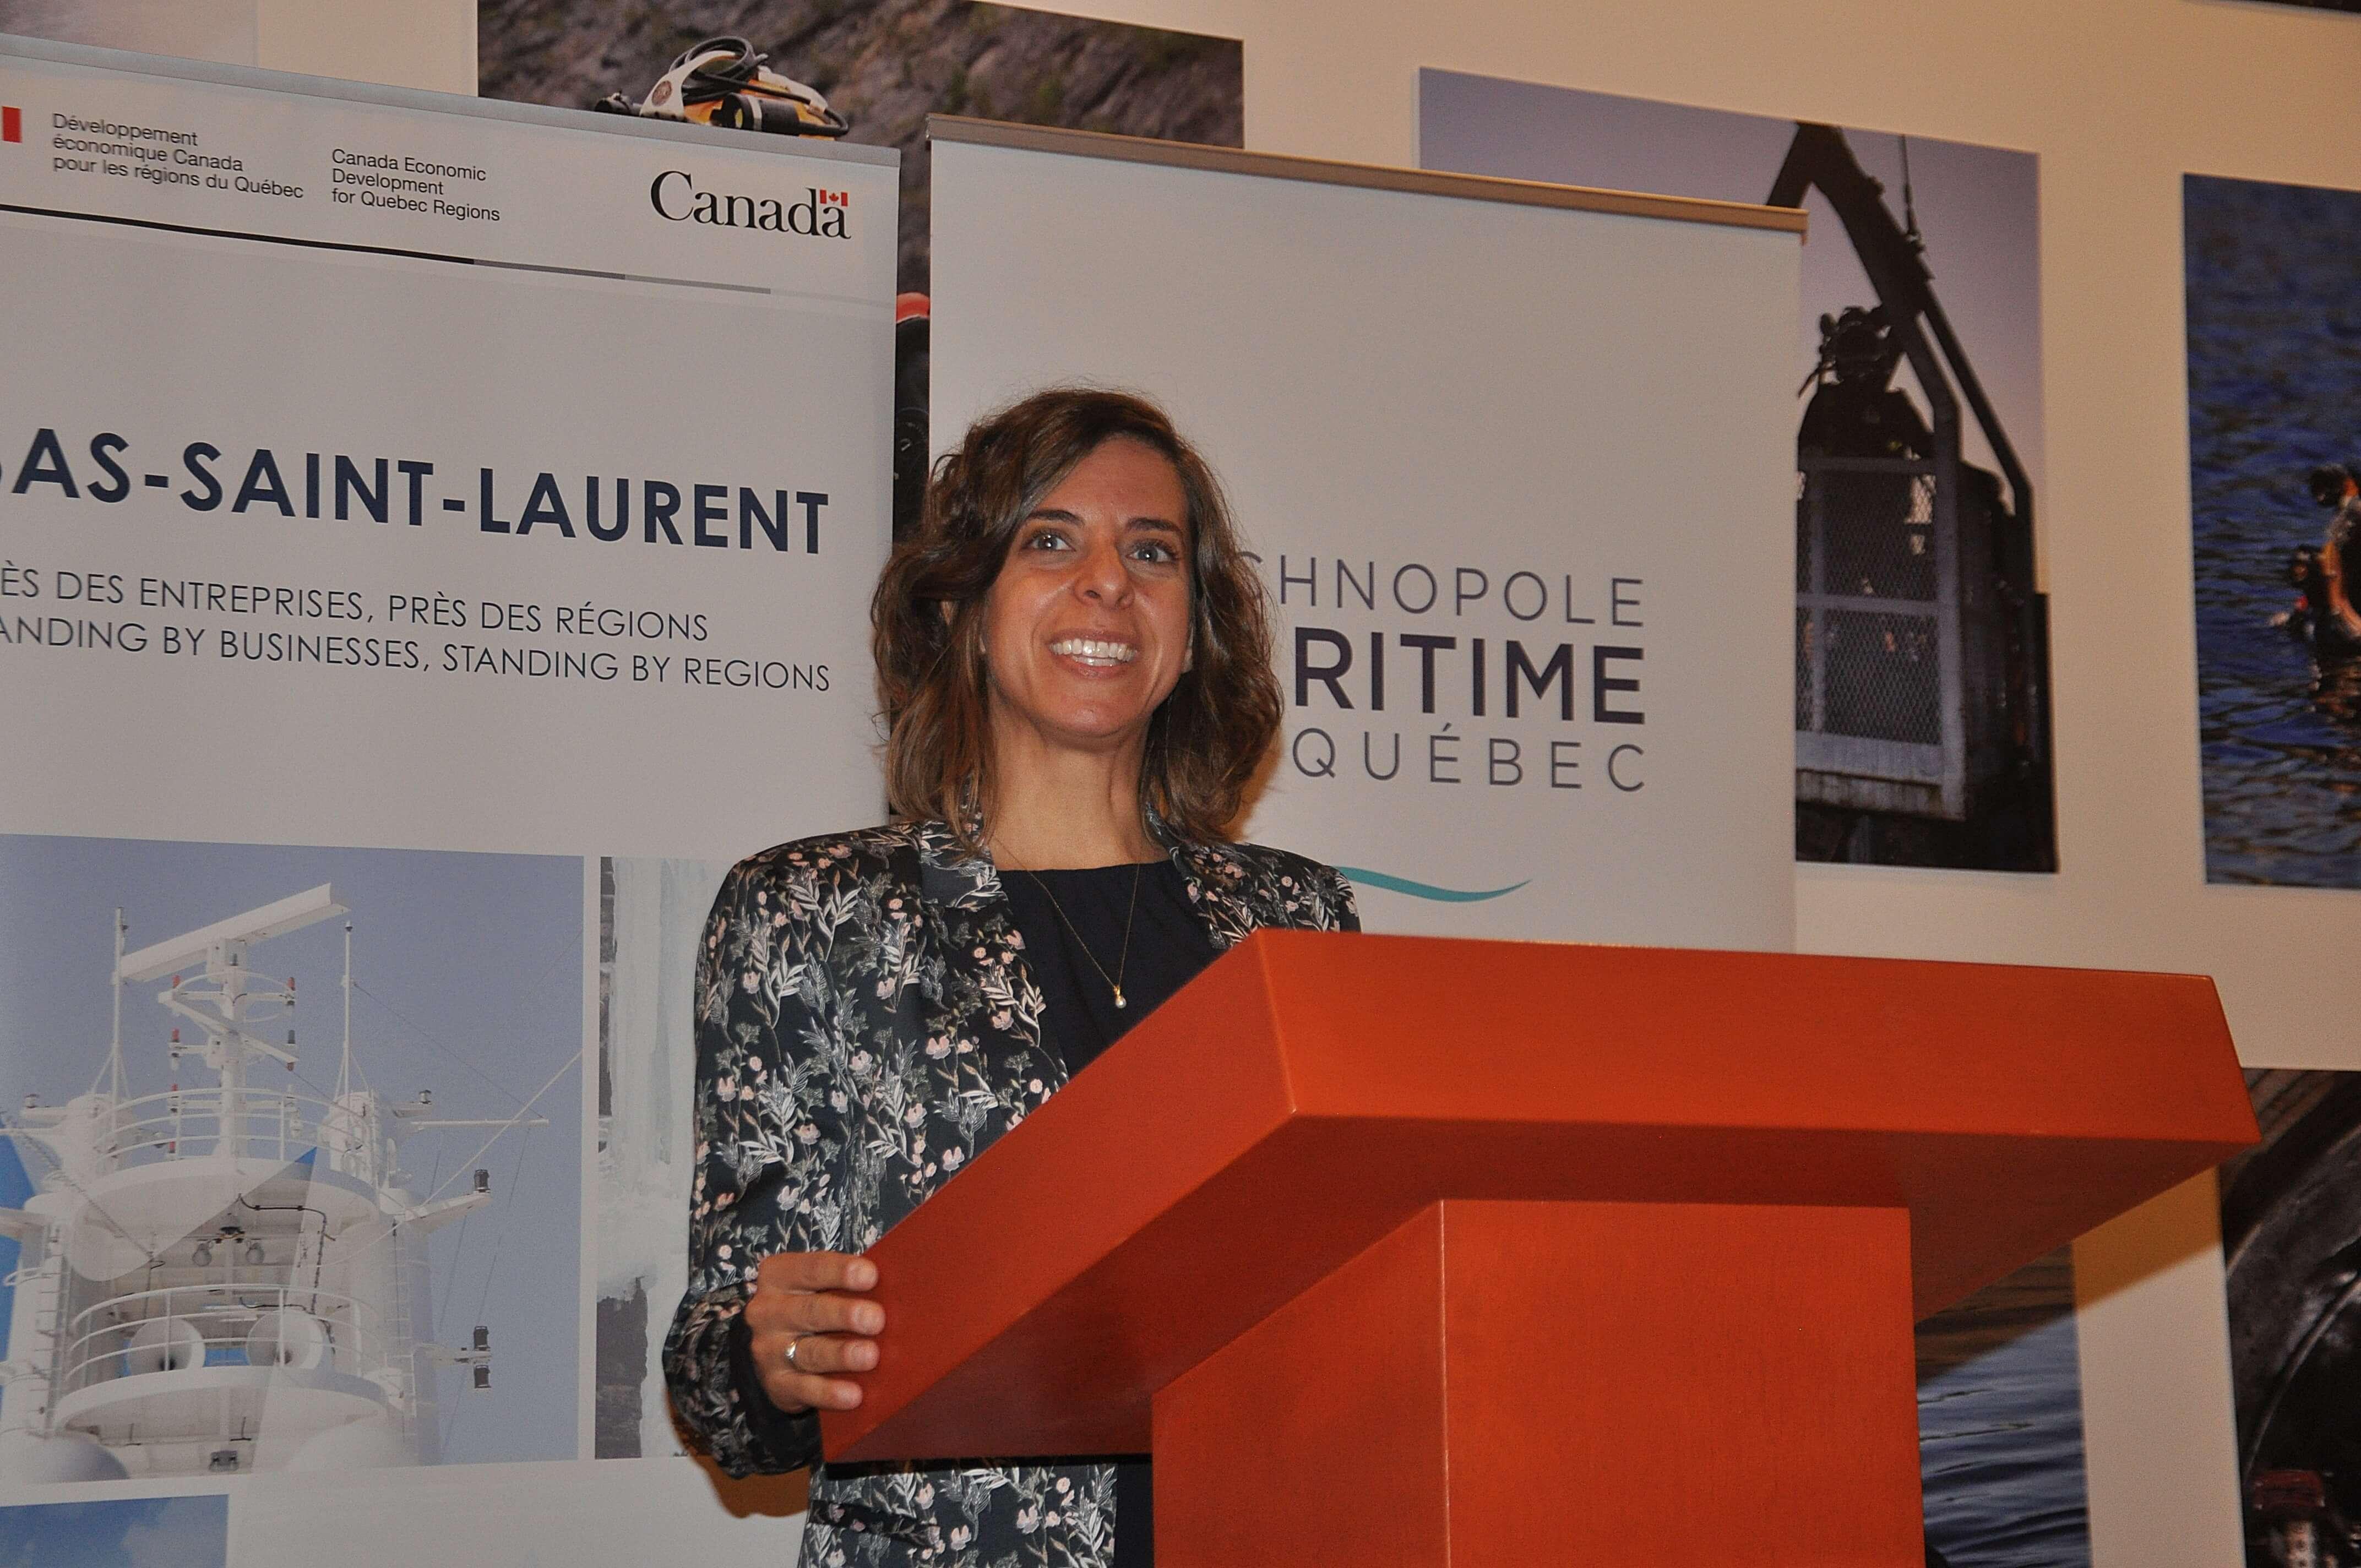 Noémie Giguère